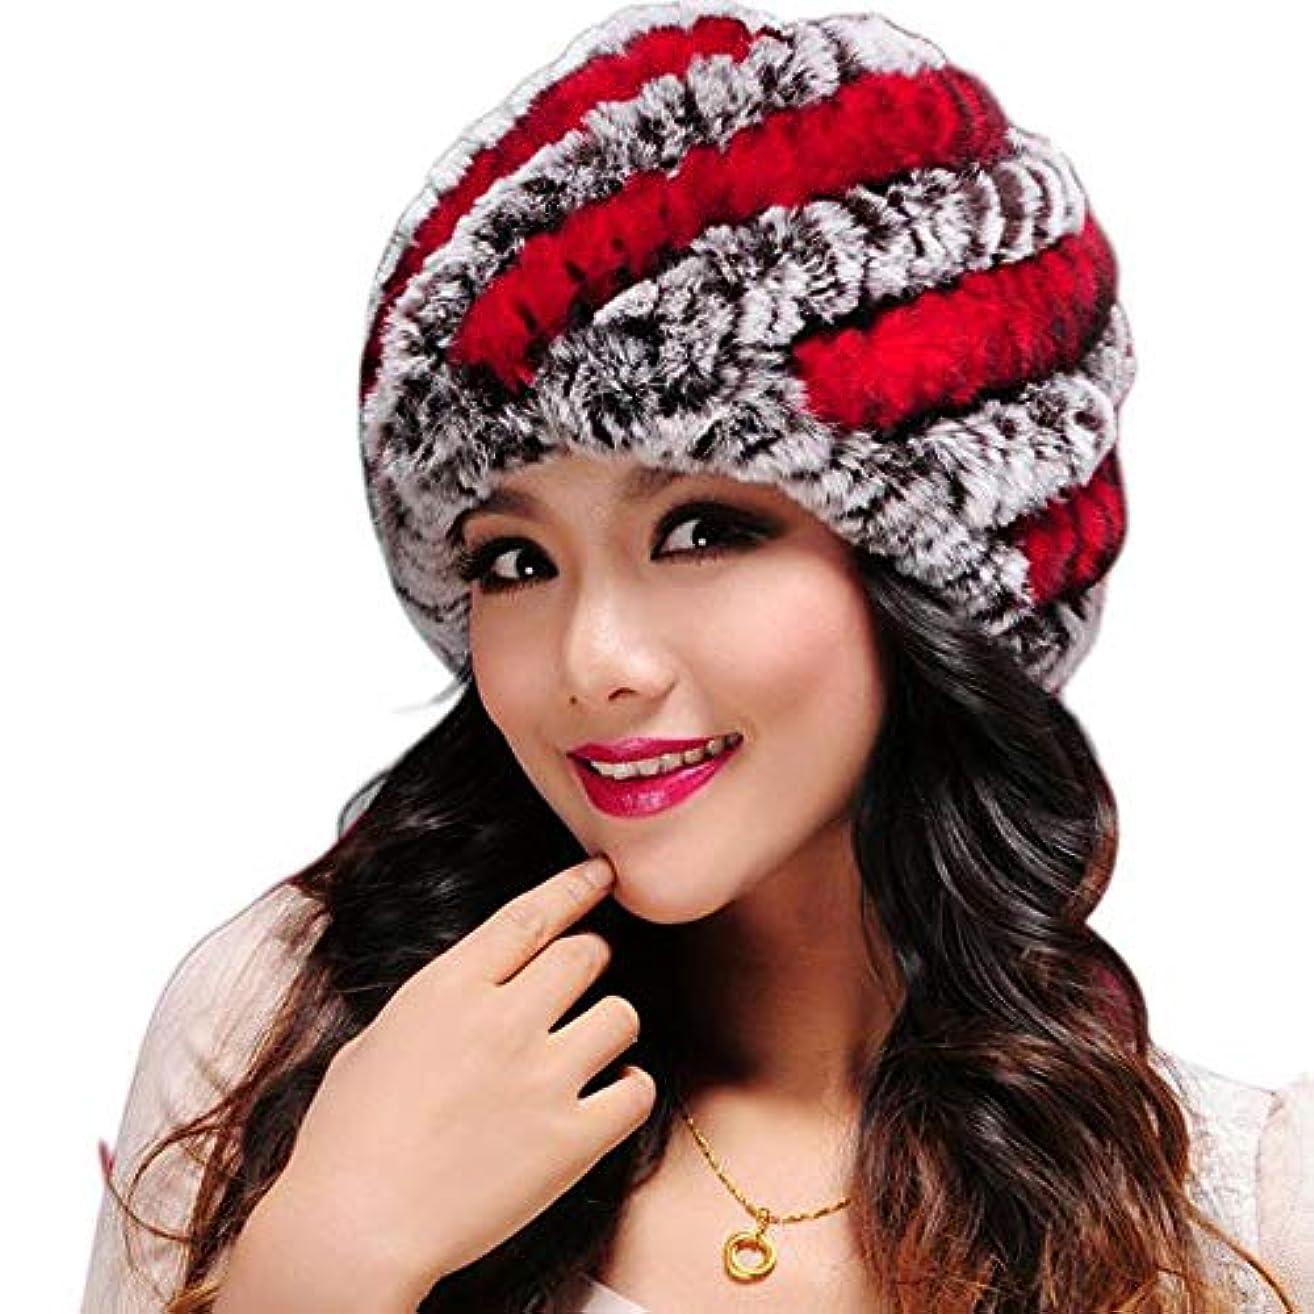 文化大きなスケールで見ると形式Racazing Hat 選べる5色 編み物 レックスウサギの髪 ニット帽 ストライプ 防寒対策 通気性のある 防風 ニット帽 暖かい 軽量 屋外 医療用帽子 スキー 自転車 クリスマス Unisex Cap 男女兼用...